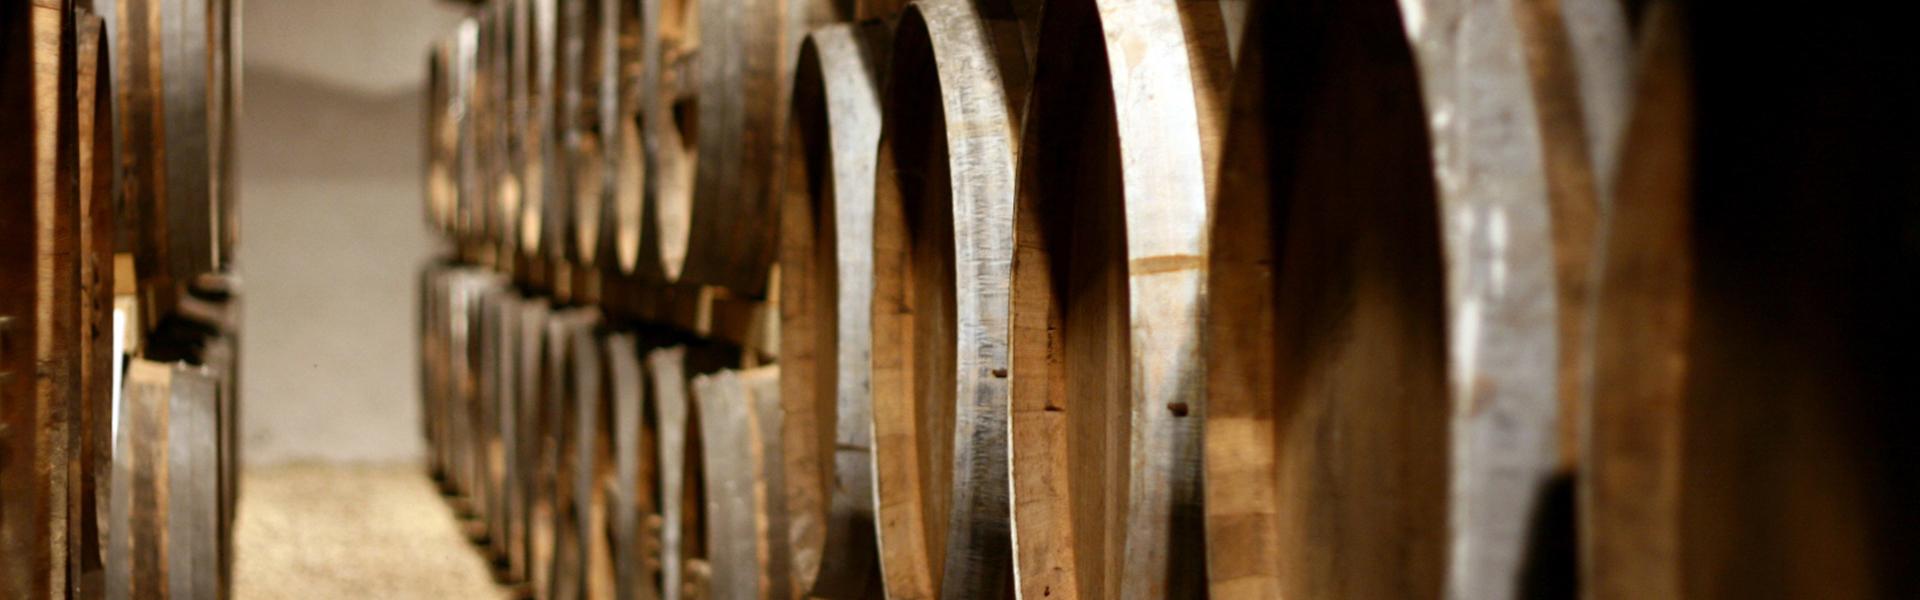 Le Reviseur Cognac